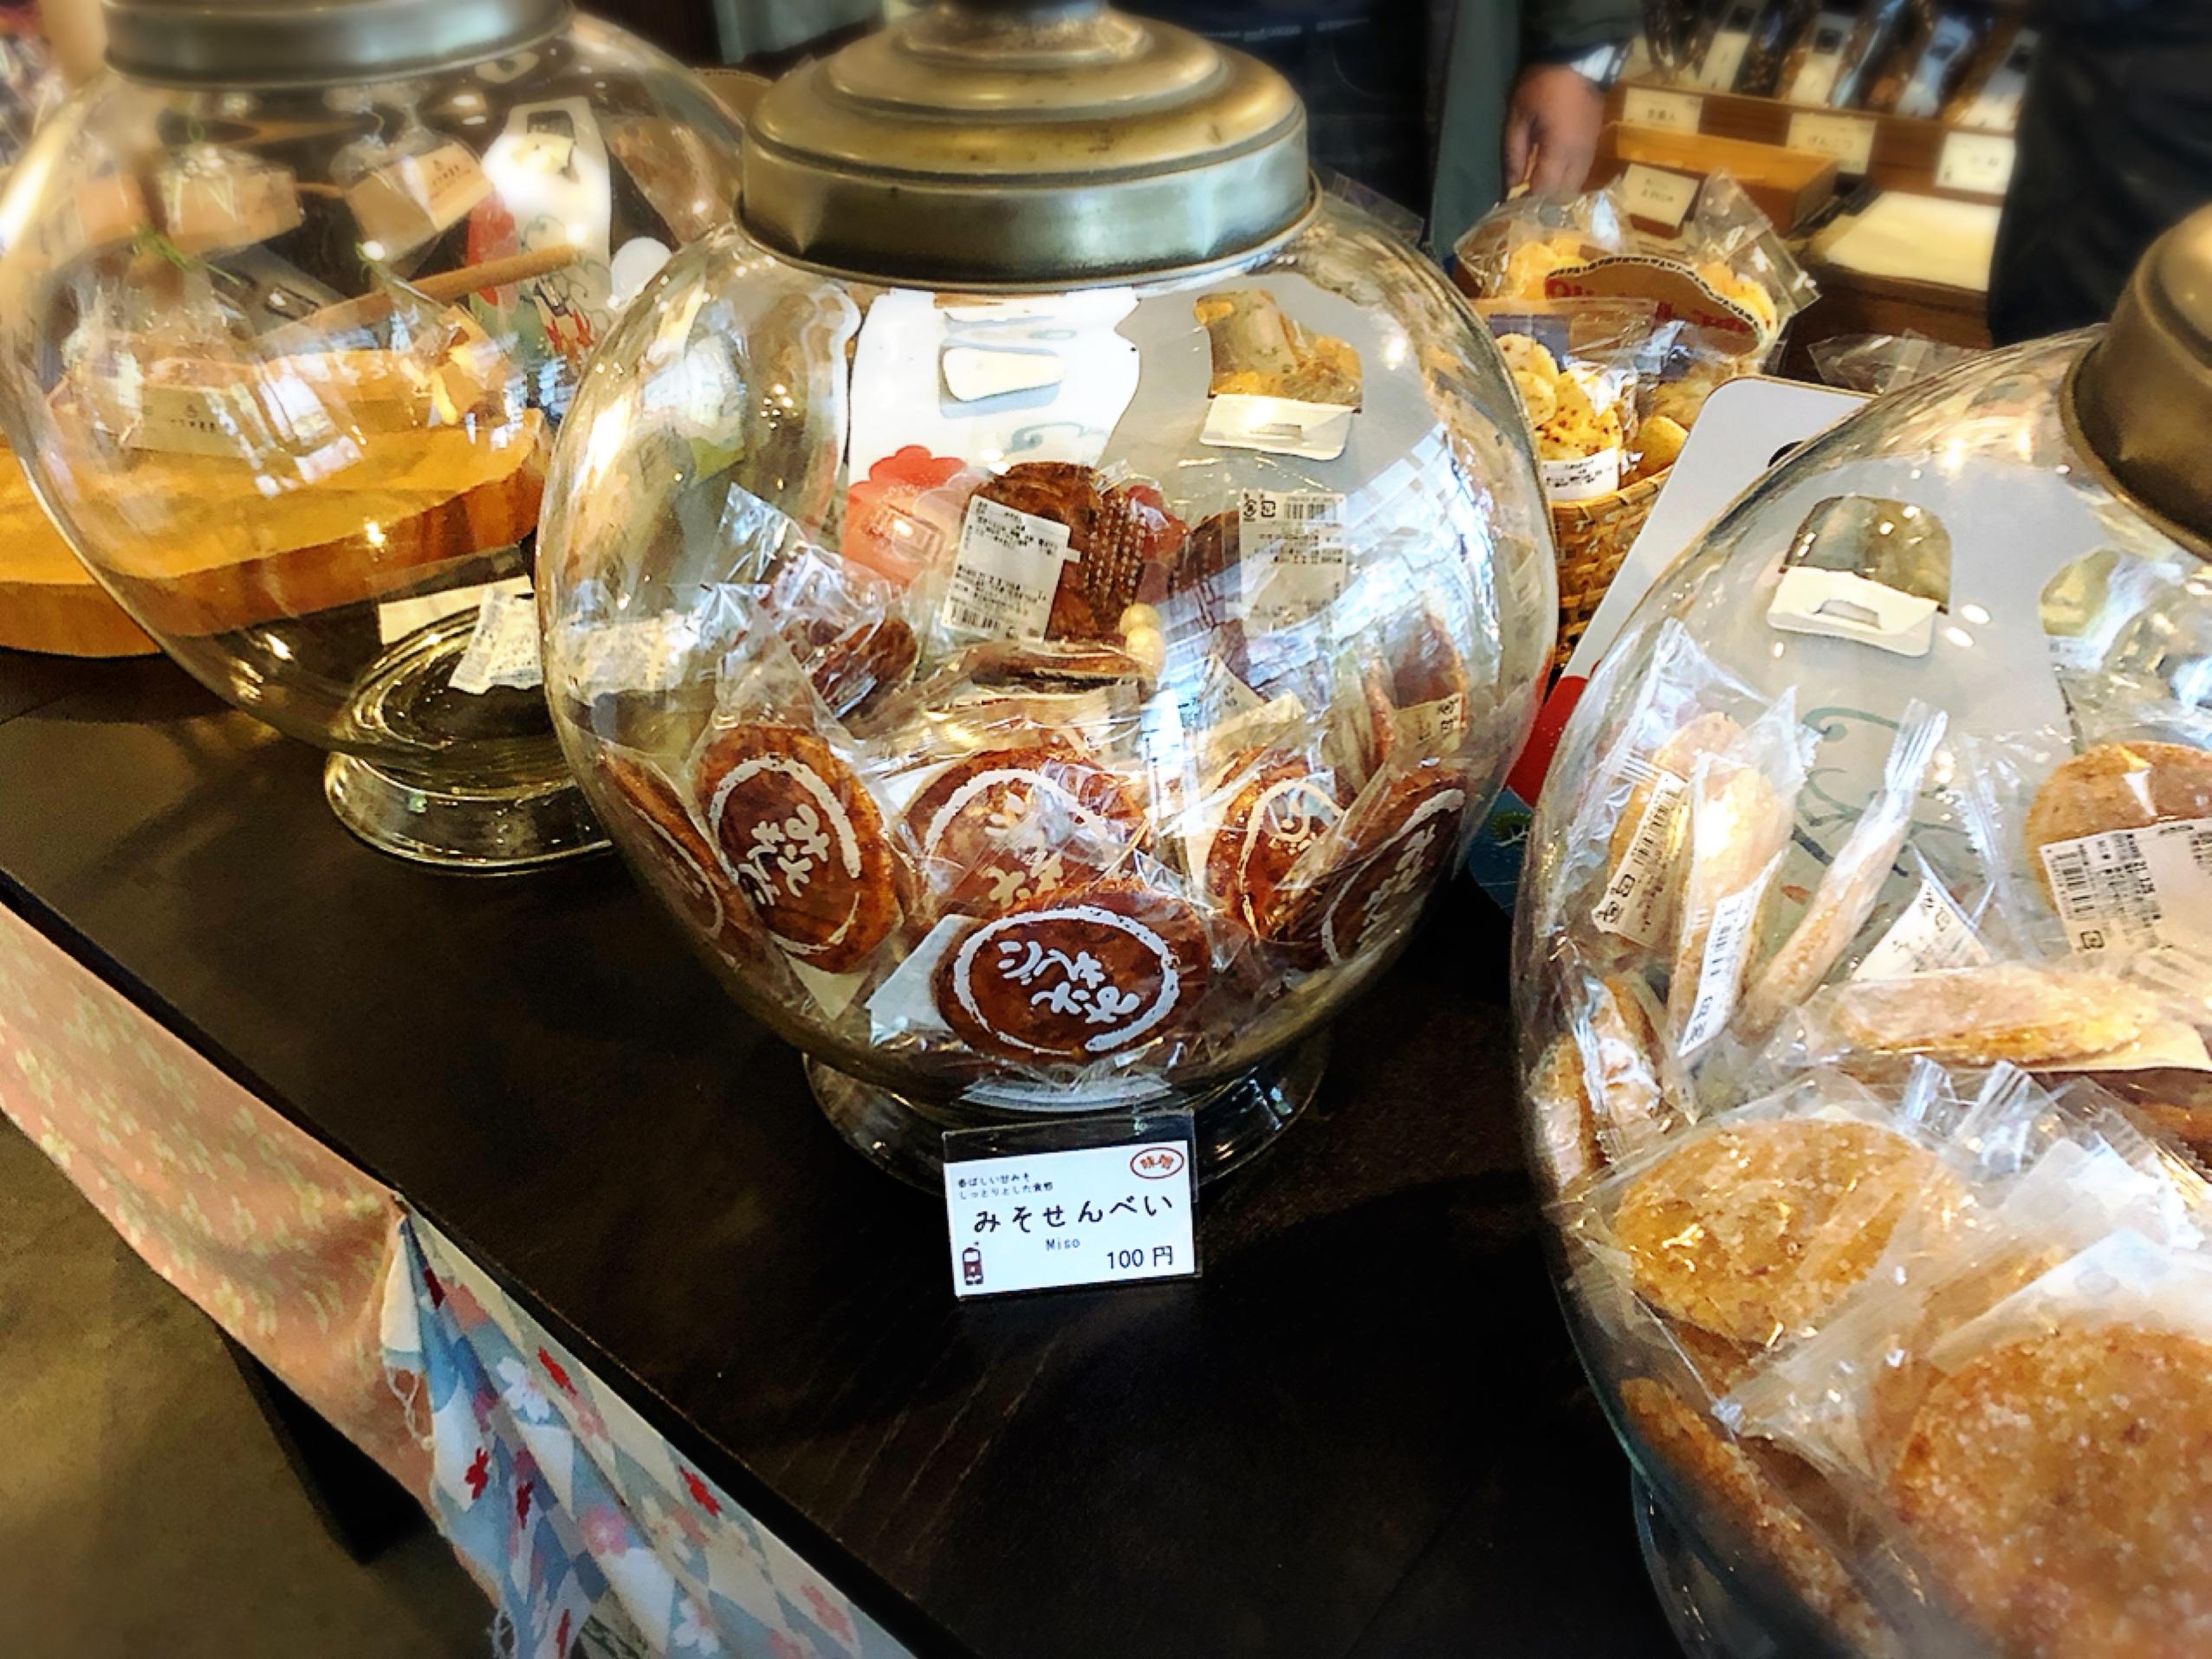 【#静岡】レトロな雰囲気が可愛い♡こだわりお煎餅と抹茶のドーナツアイス❁SHOP&CAFE 晴耕雨読_4